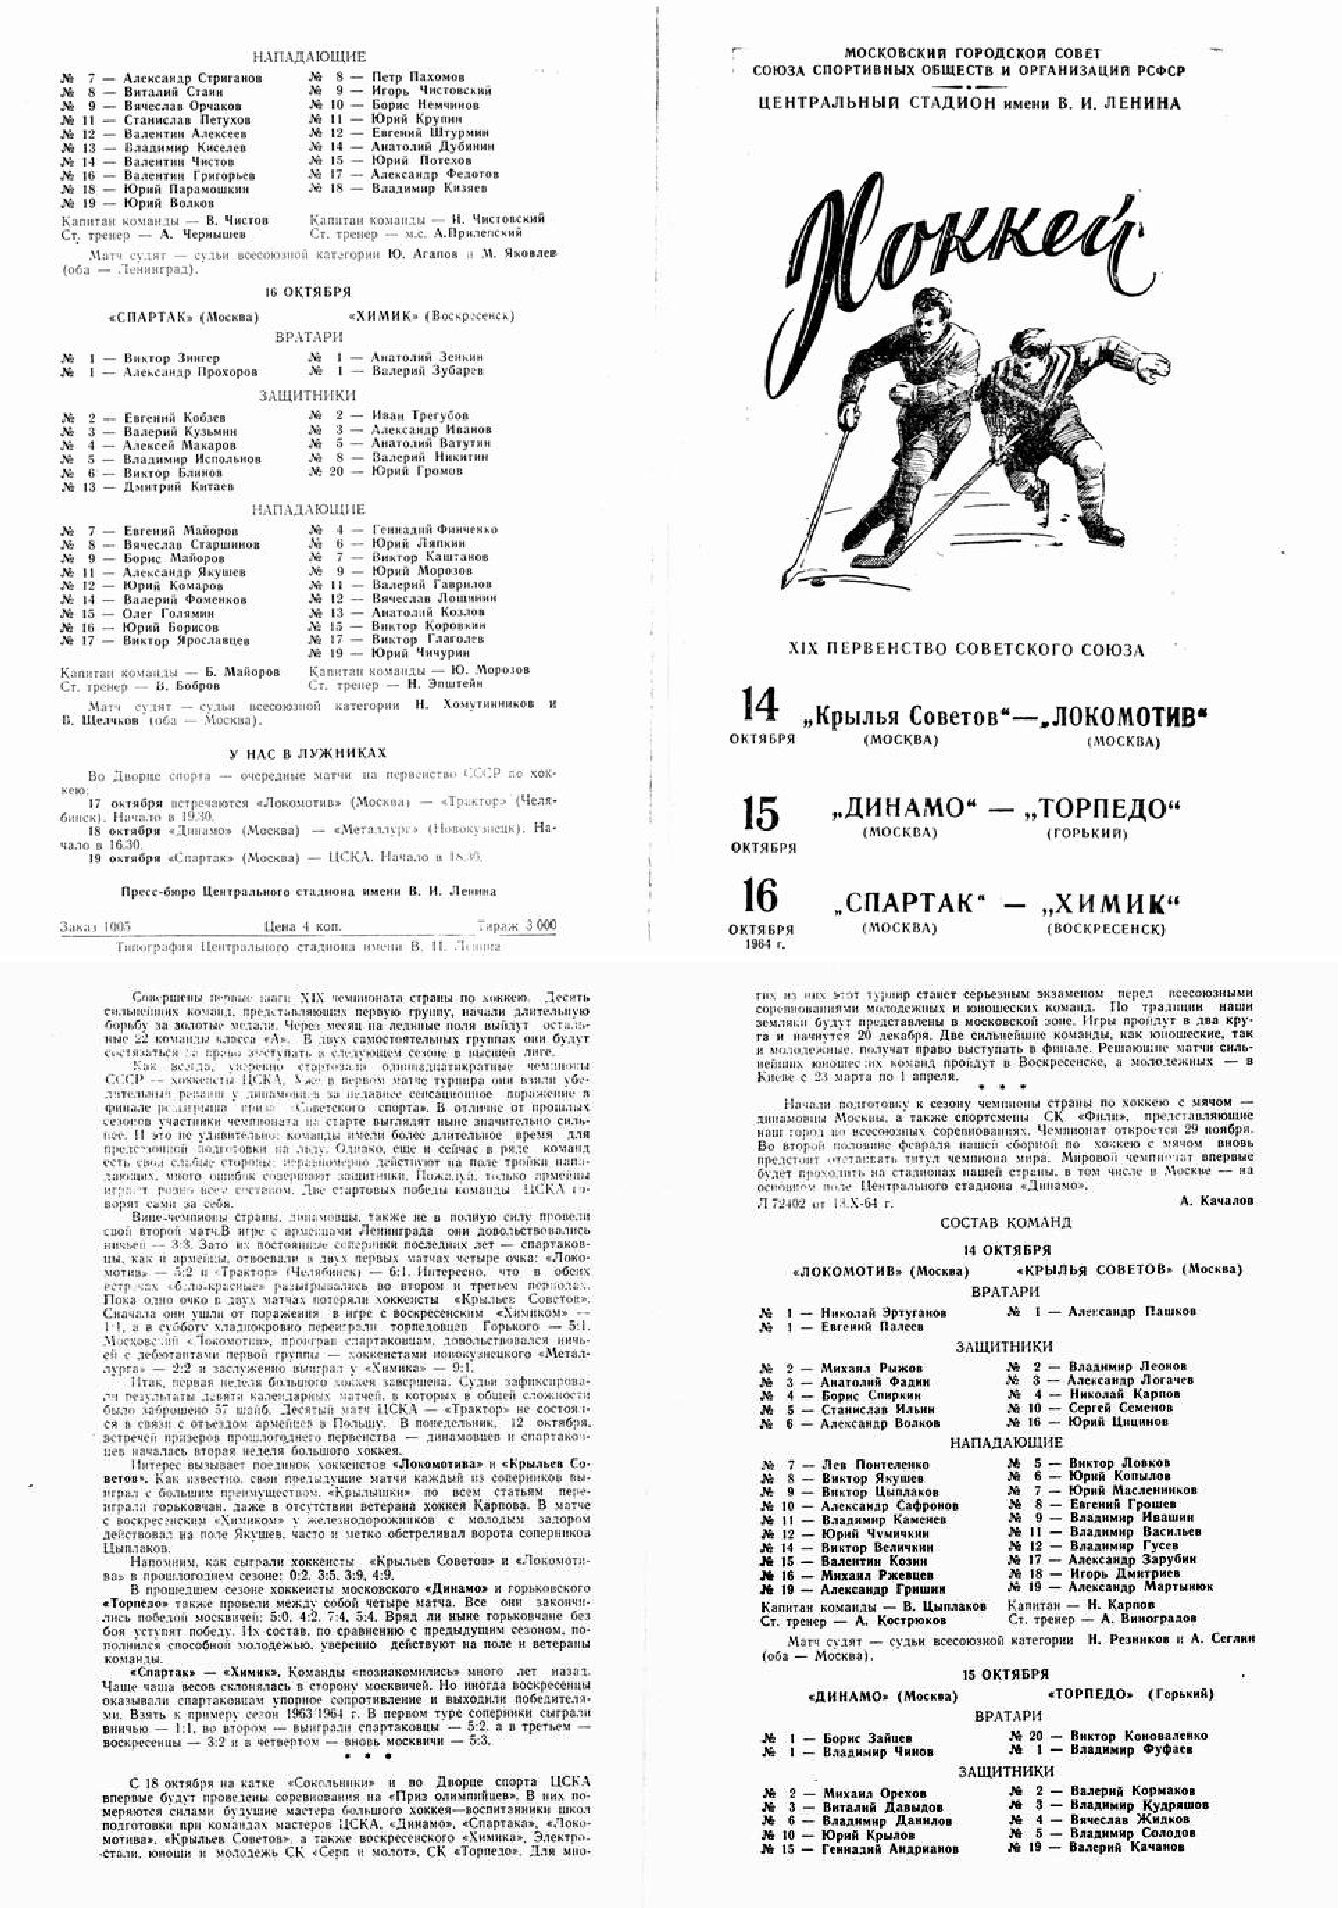 сезон 1964-1965 программки-7.jpg